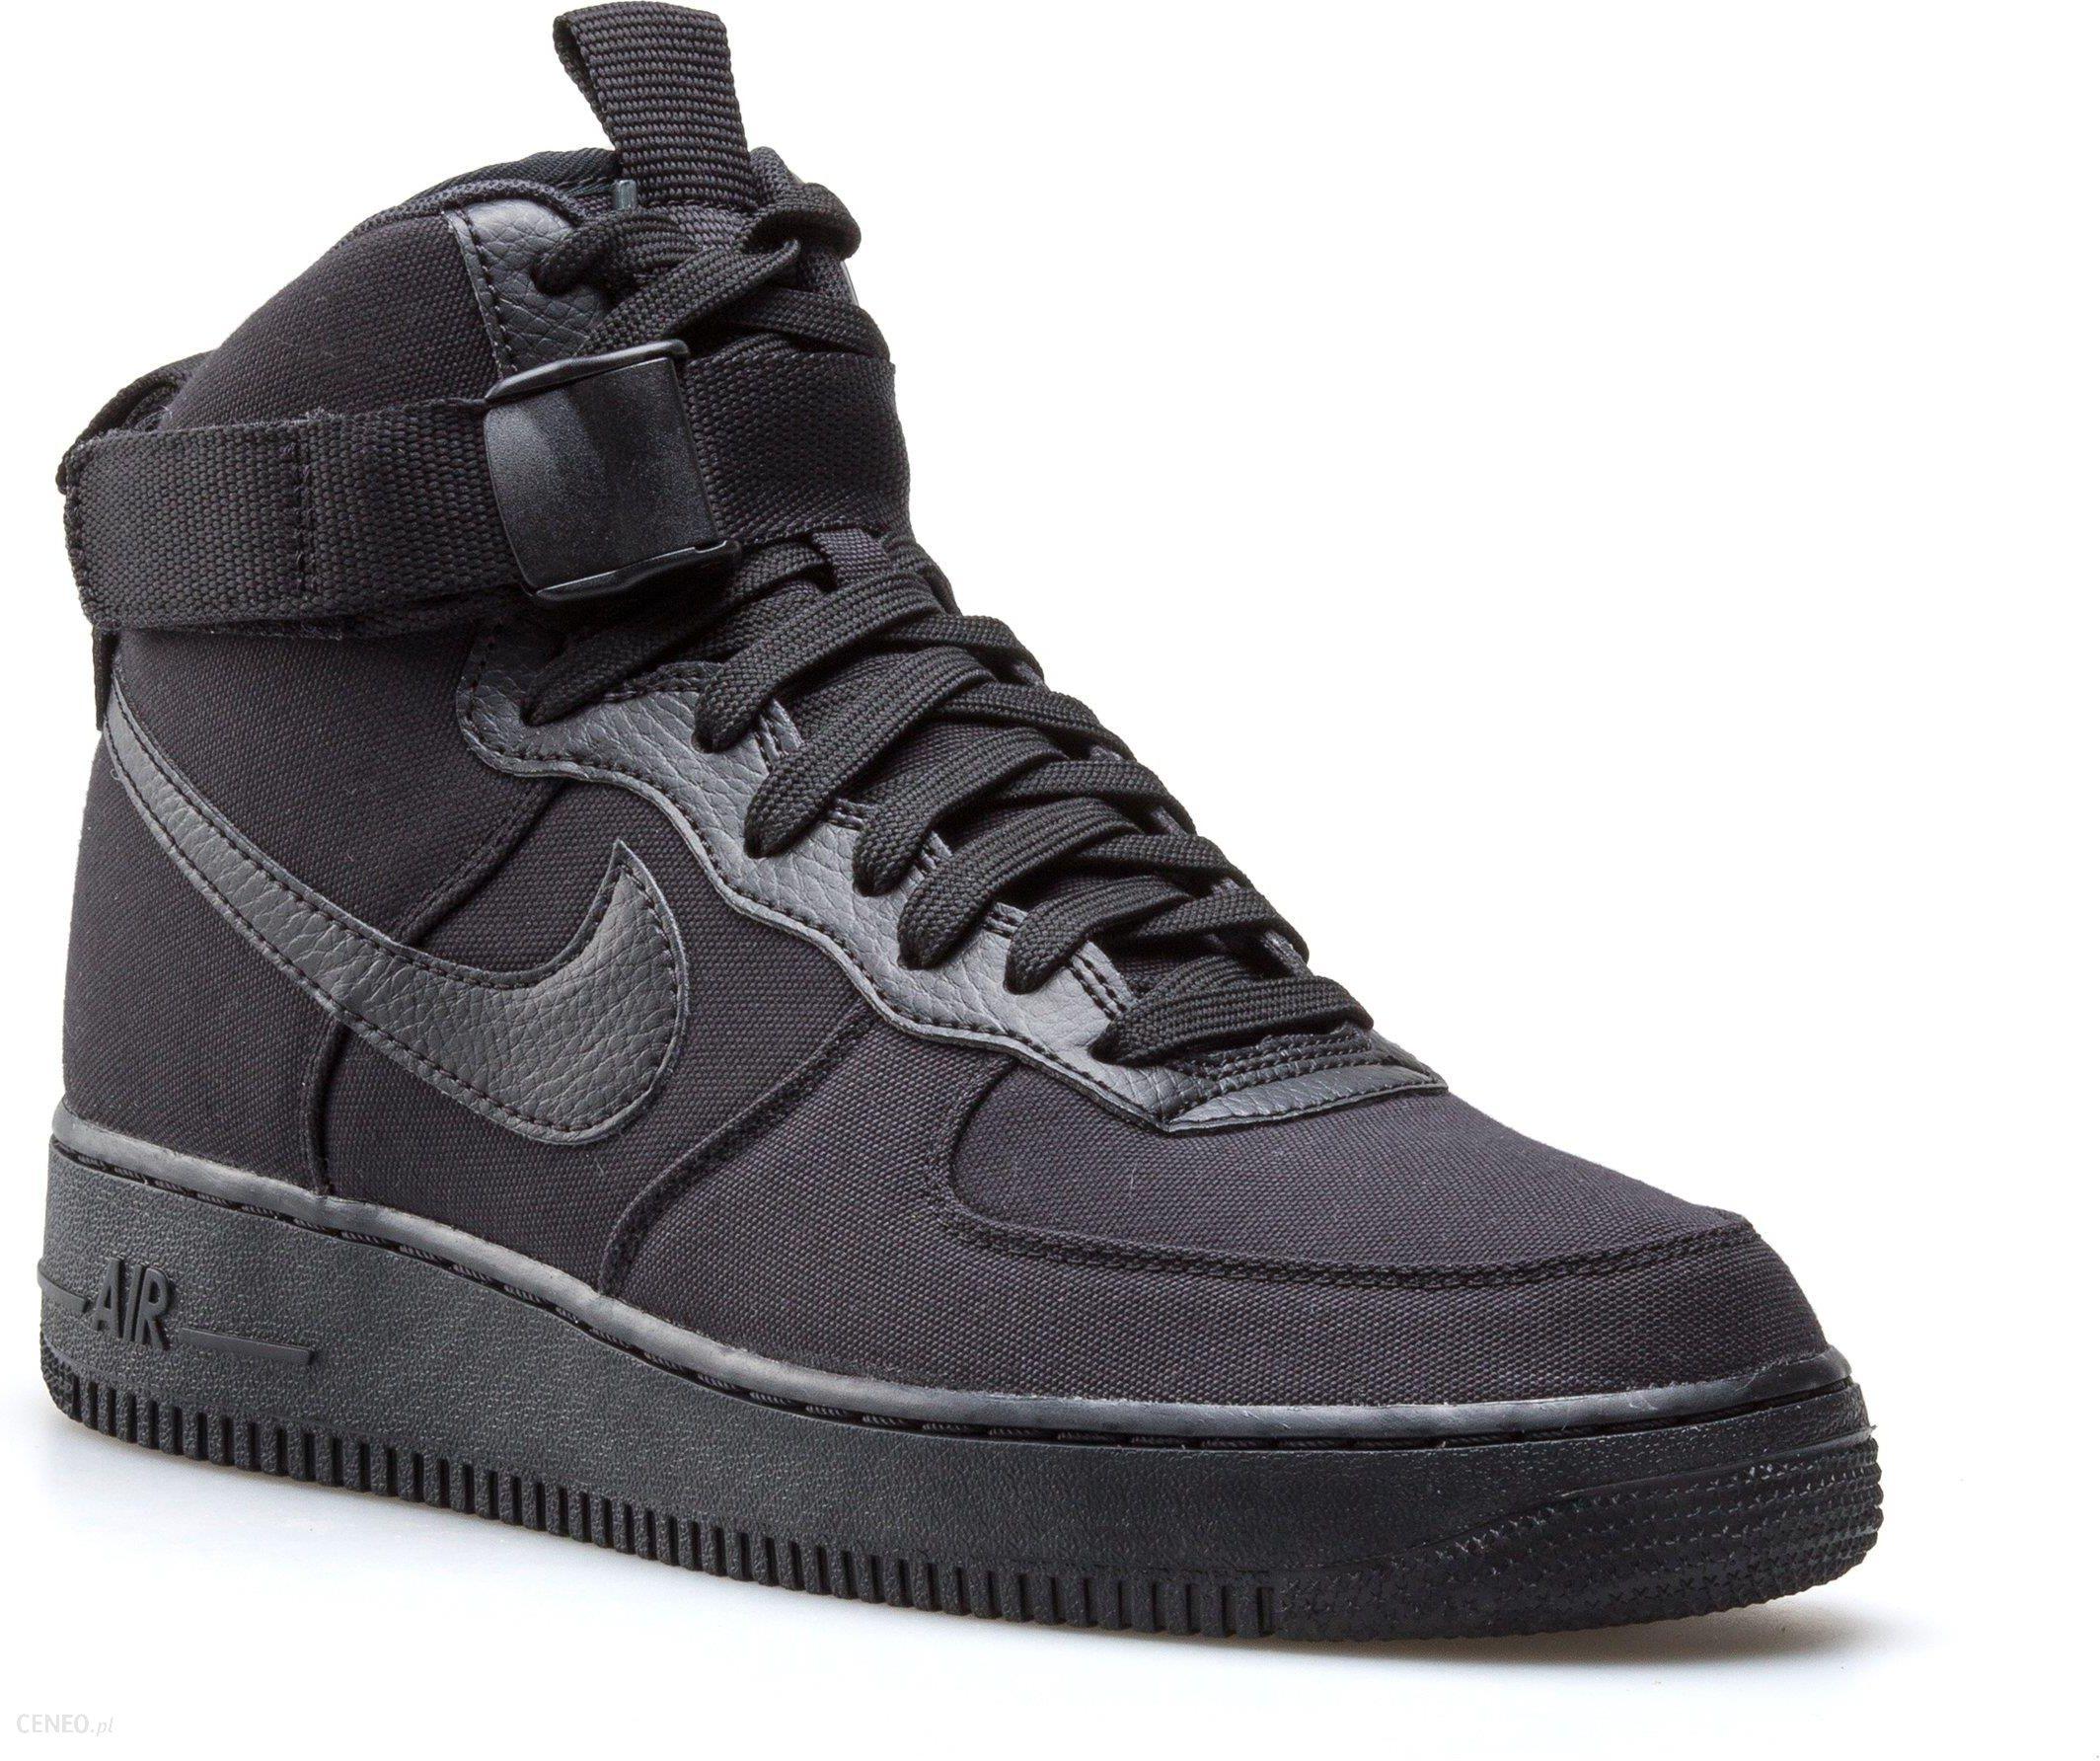 Buty męskie Nike Air Force 1 AH6768 001 r. 40,5 Ceny i opinie Ceneo.pl